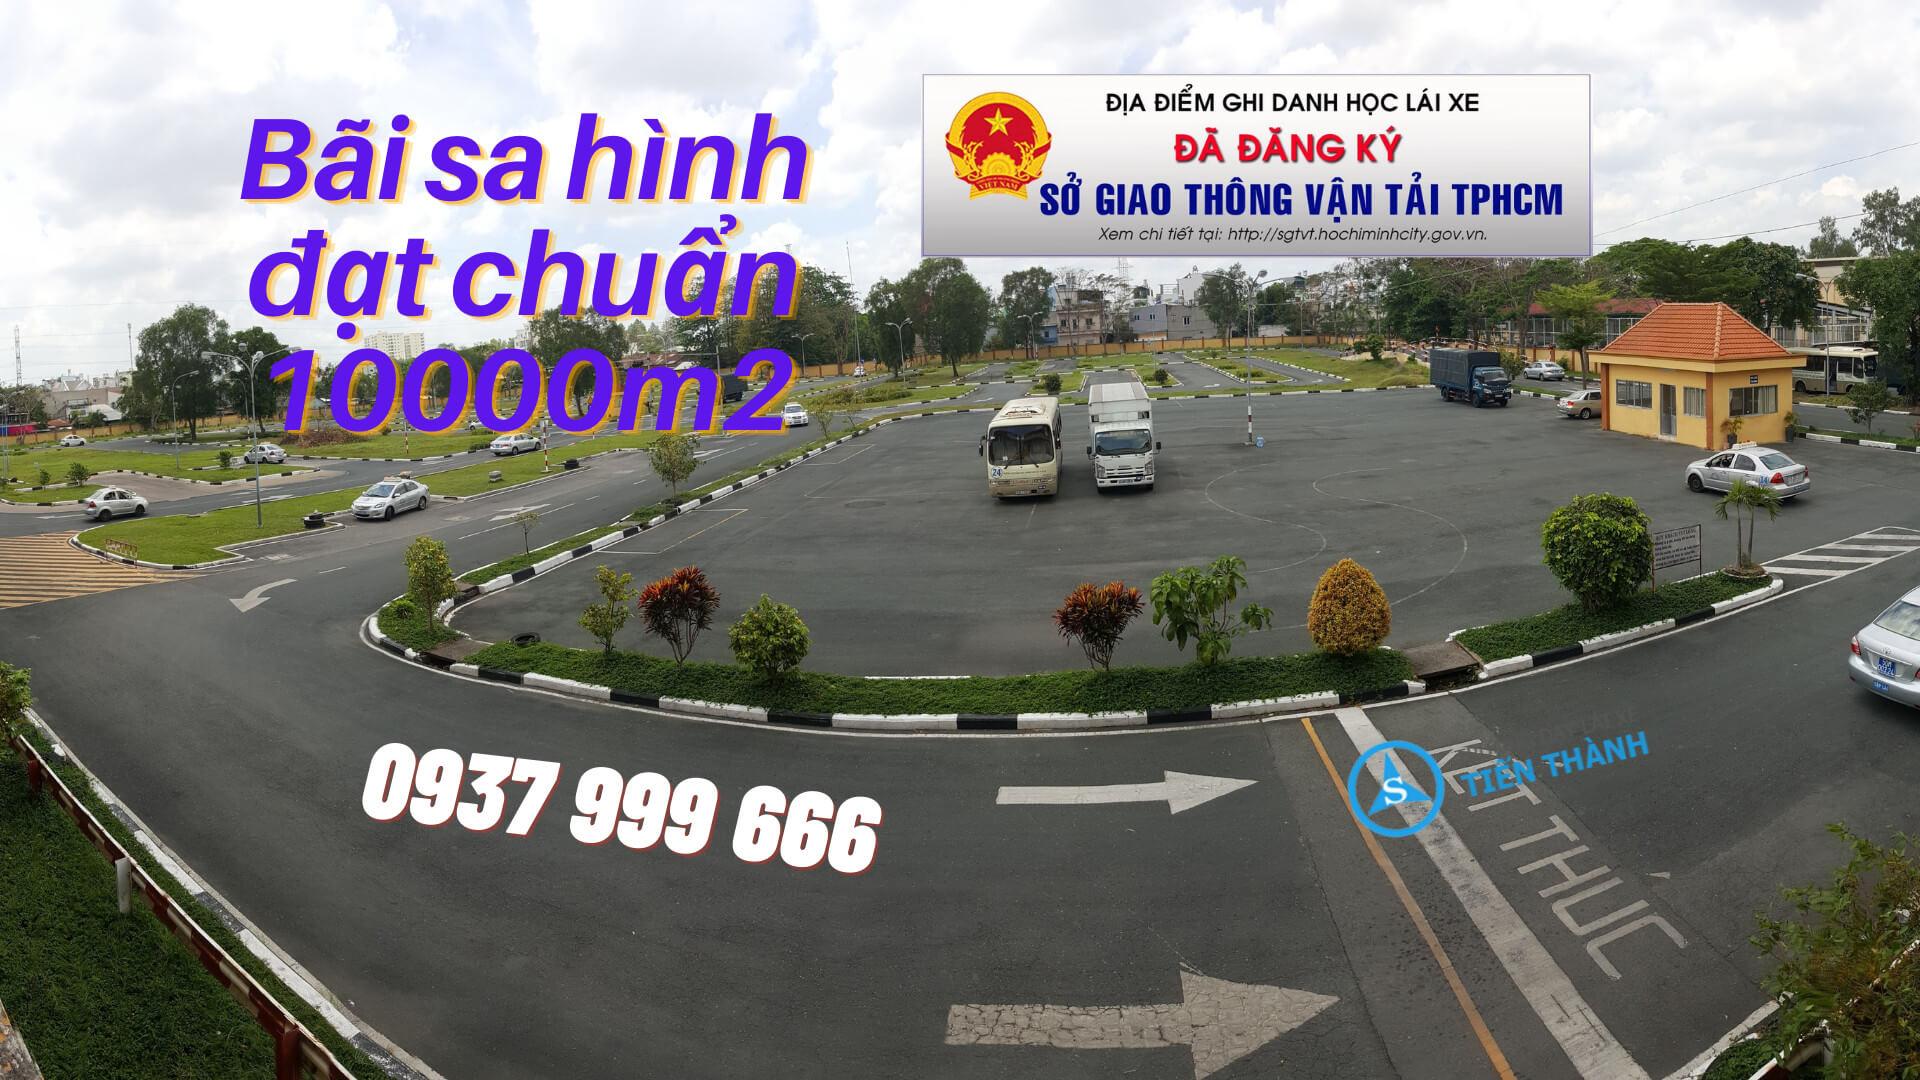 Thuê xe tại bãi sa hình Tiến Thành - tập lại tại q3 (1)